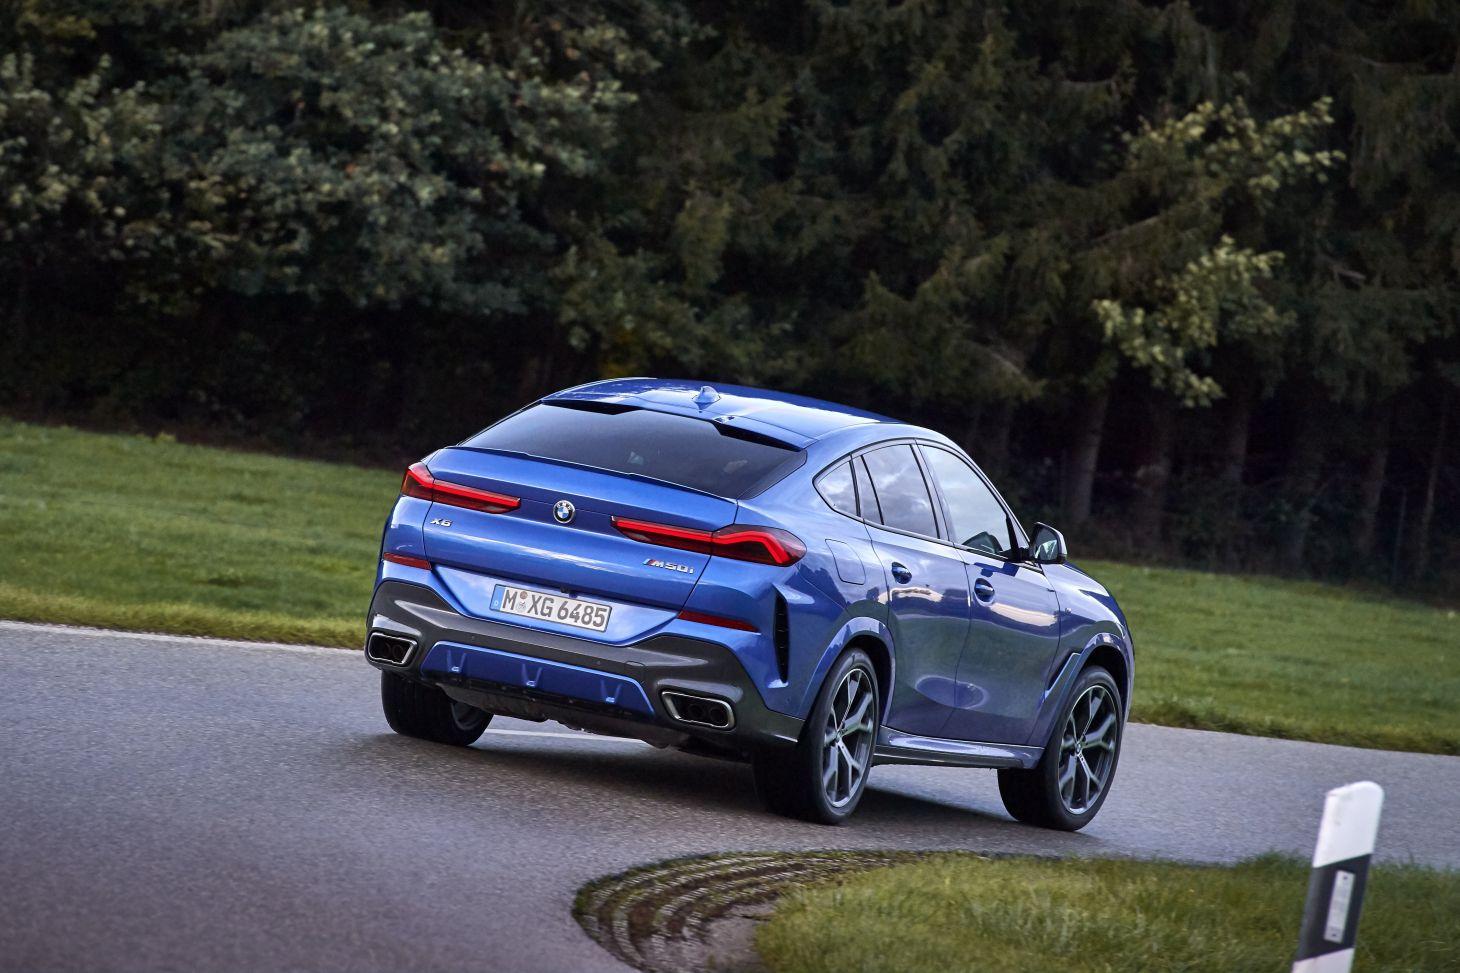 novo bmw x6 azul em movimento traseira